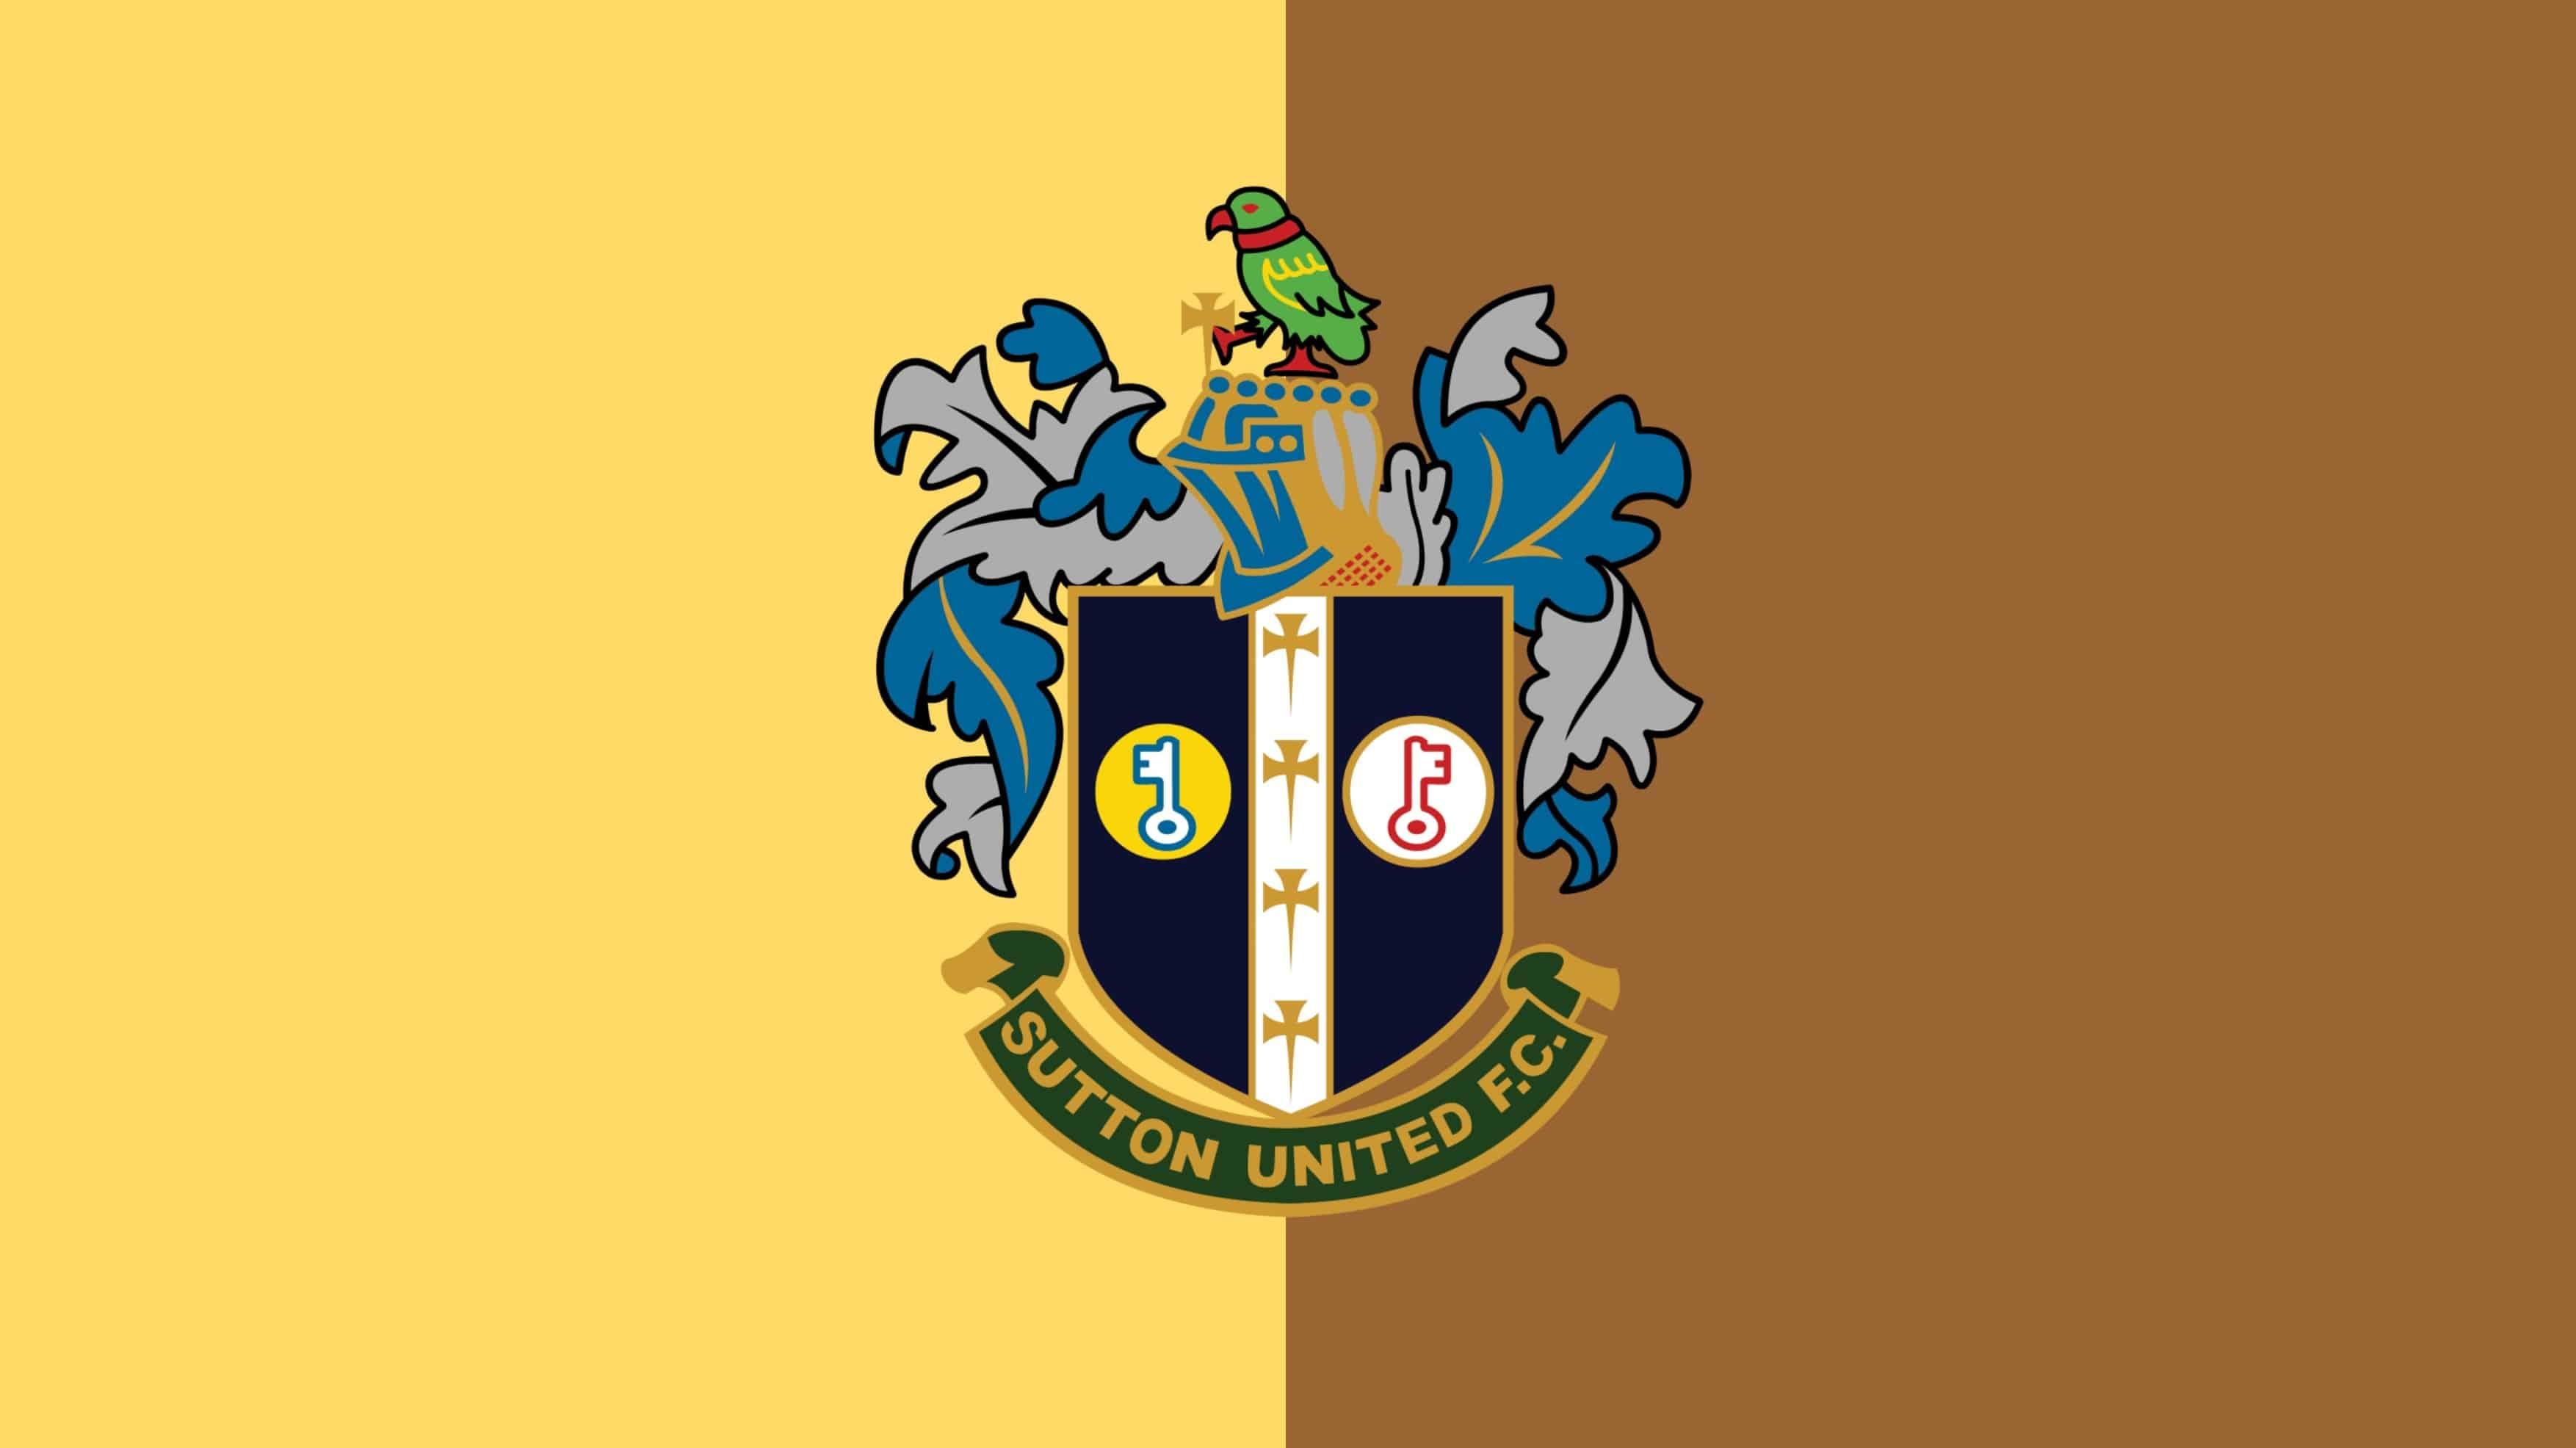 Sutton banner